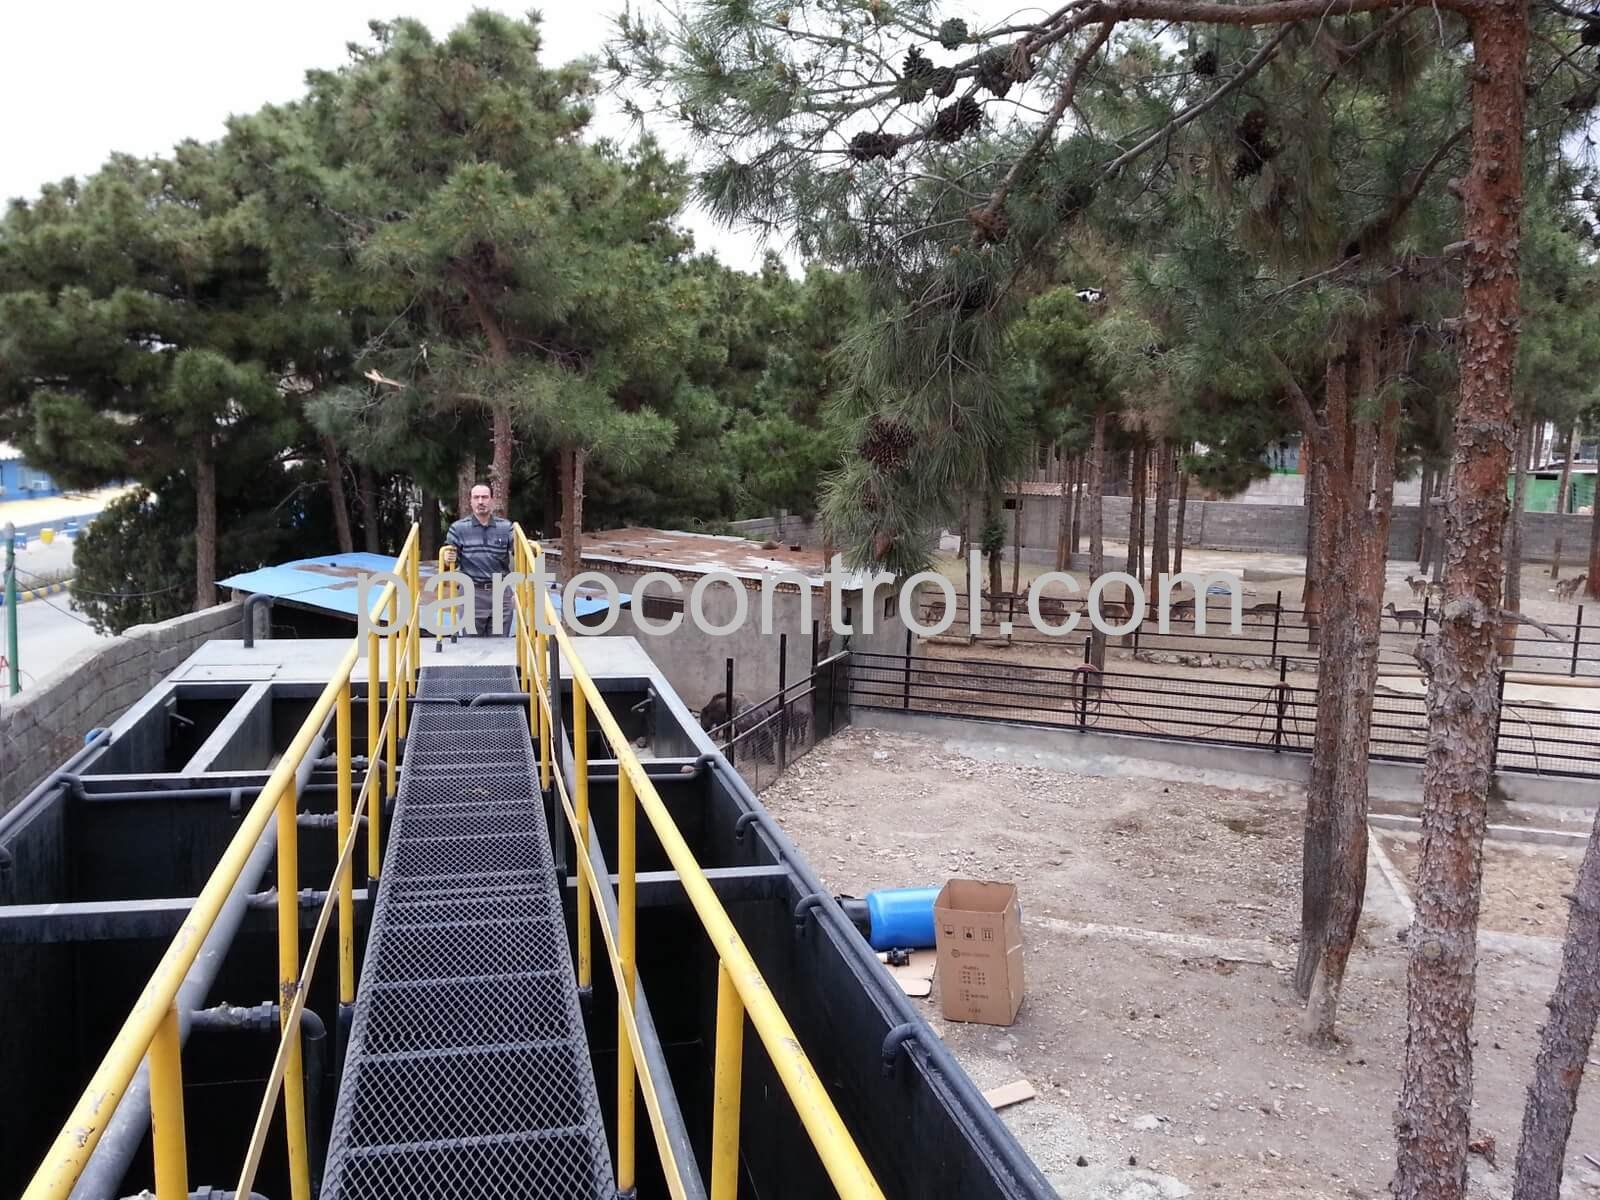 پکیج تصفیه فاضلاب کشتارگاه4Slaughterhouse wastewater treatment package - پروژه تصفیه فاضلاب کشتارگاه